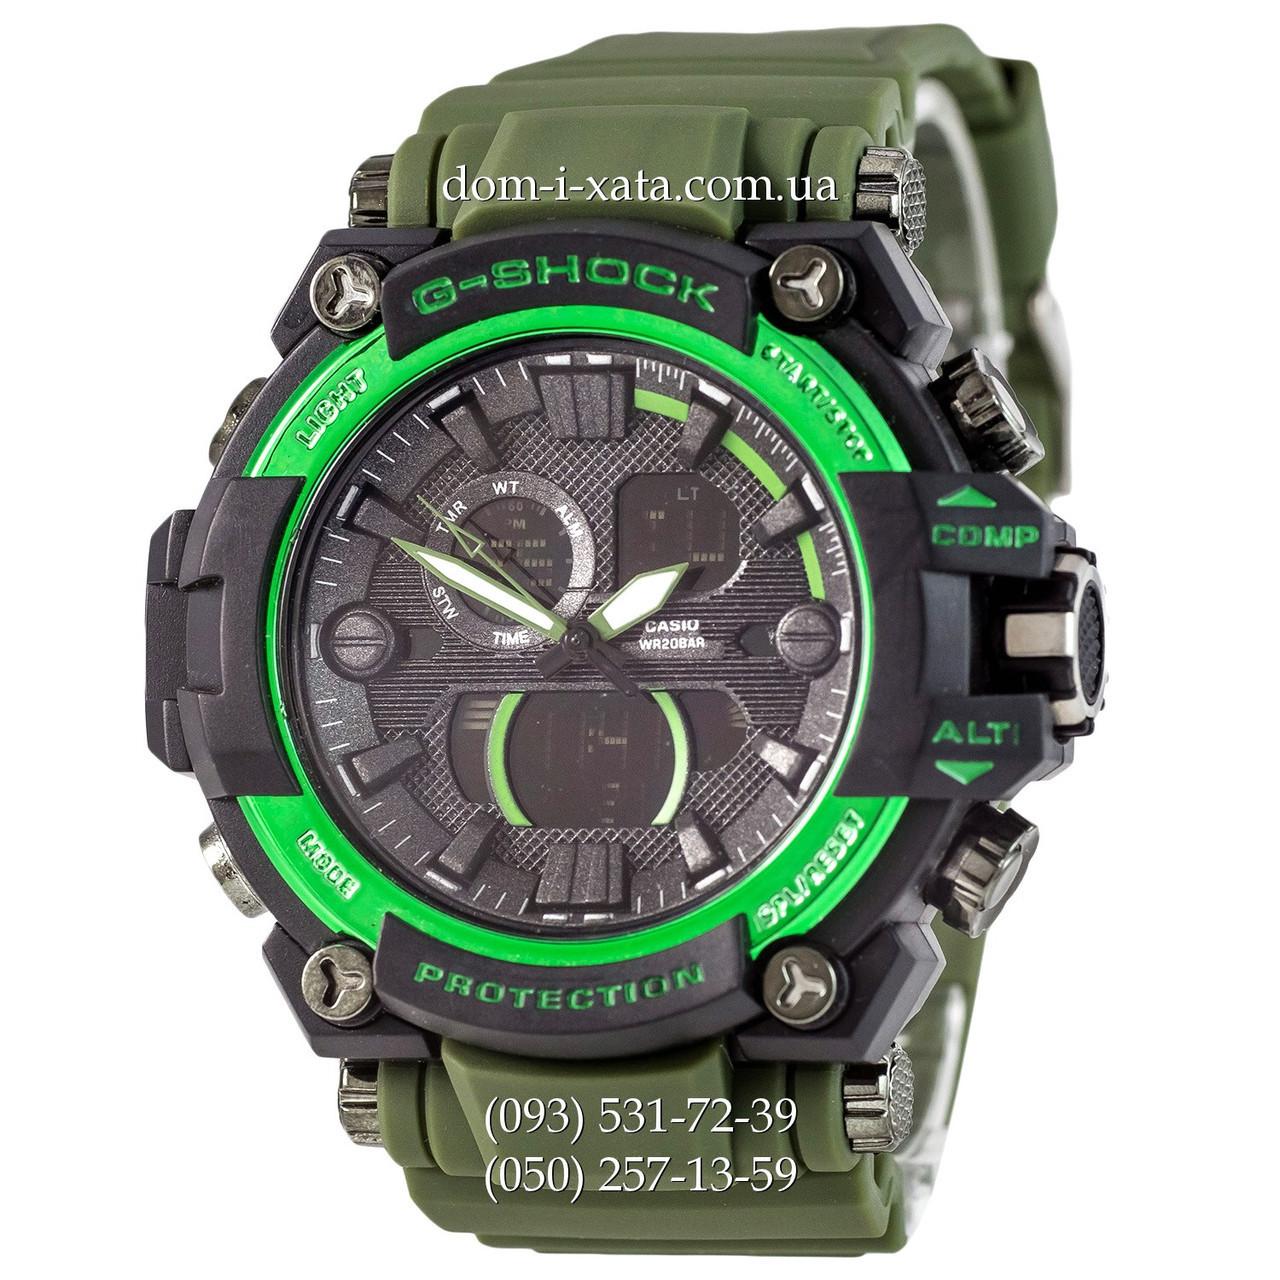 Электронные часы Casio G-Shock GWA-1045 Black-Green Militari Wristband, спортивные часы Джи Шок зеленый-черный, реплика, отличное качество!